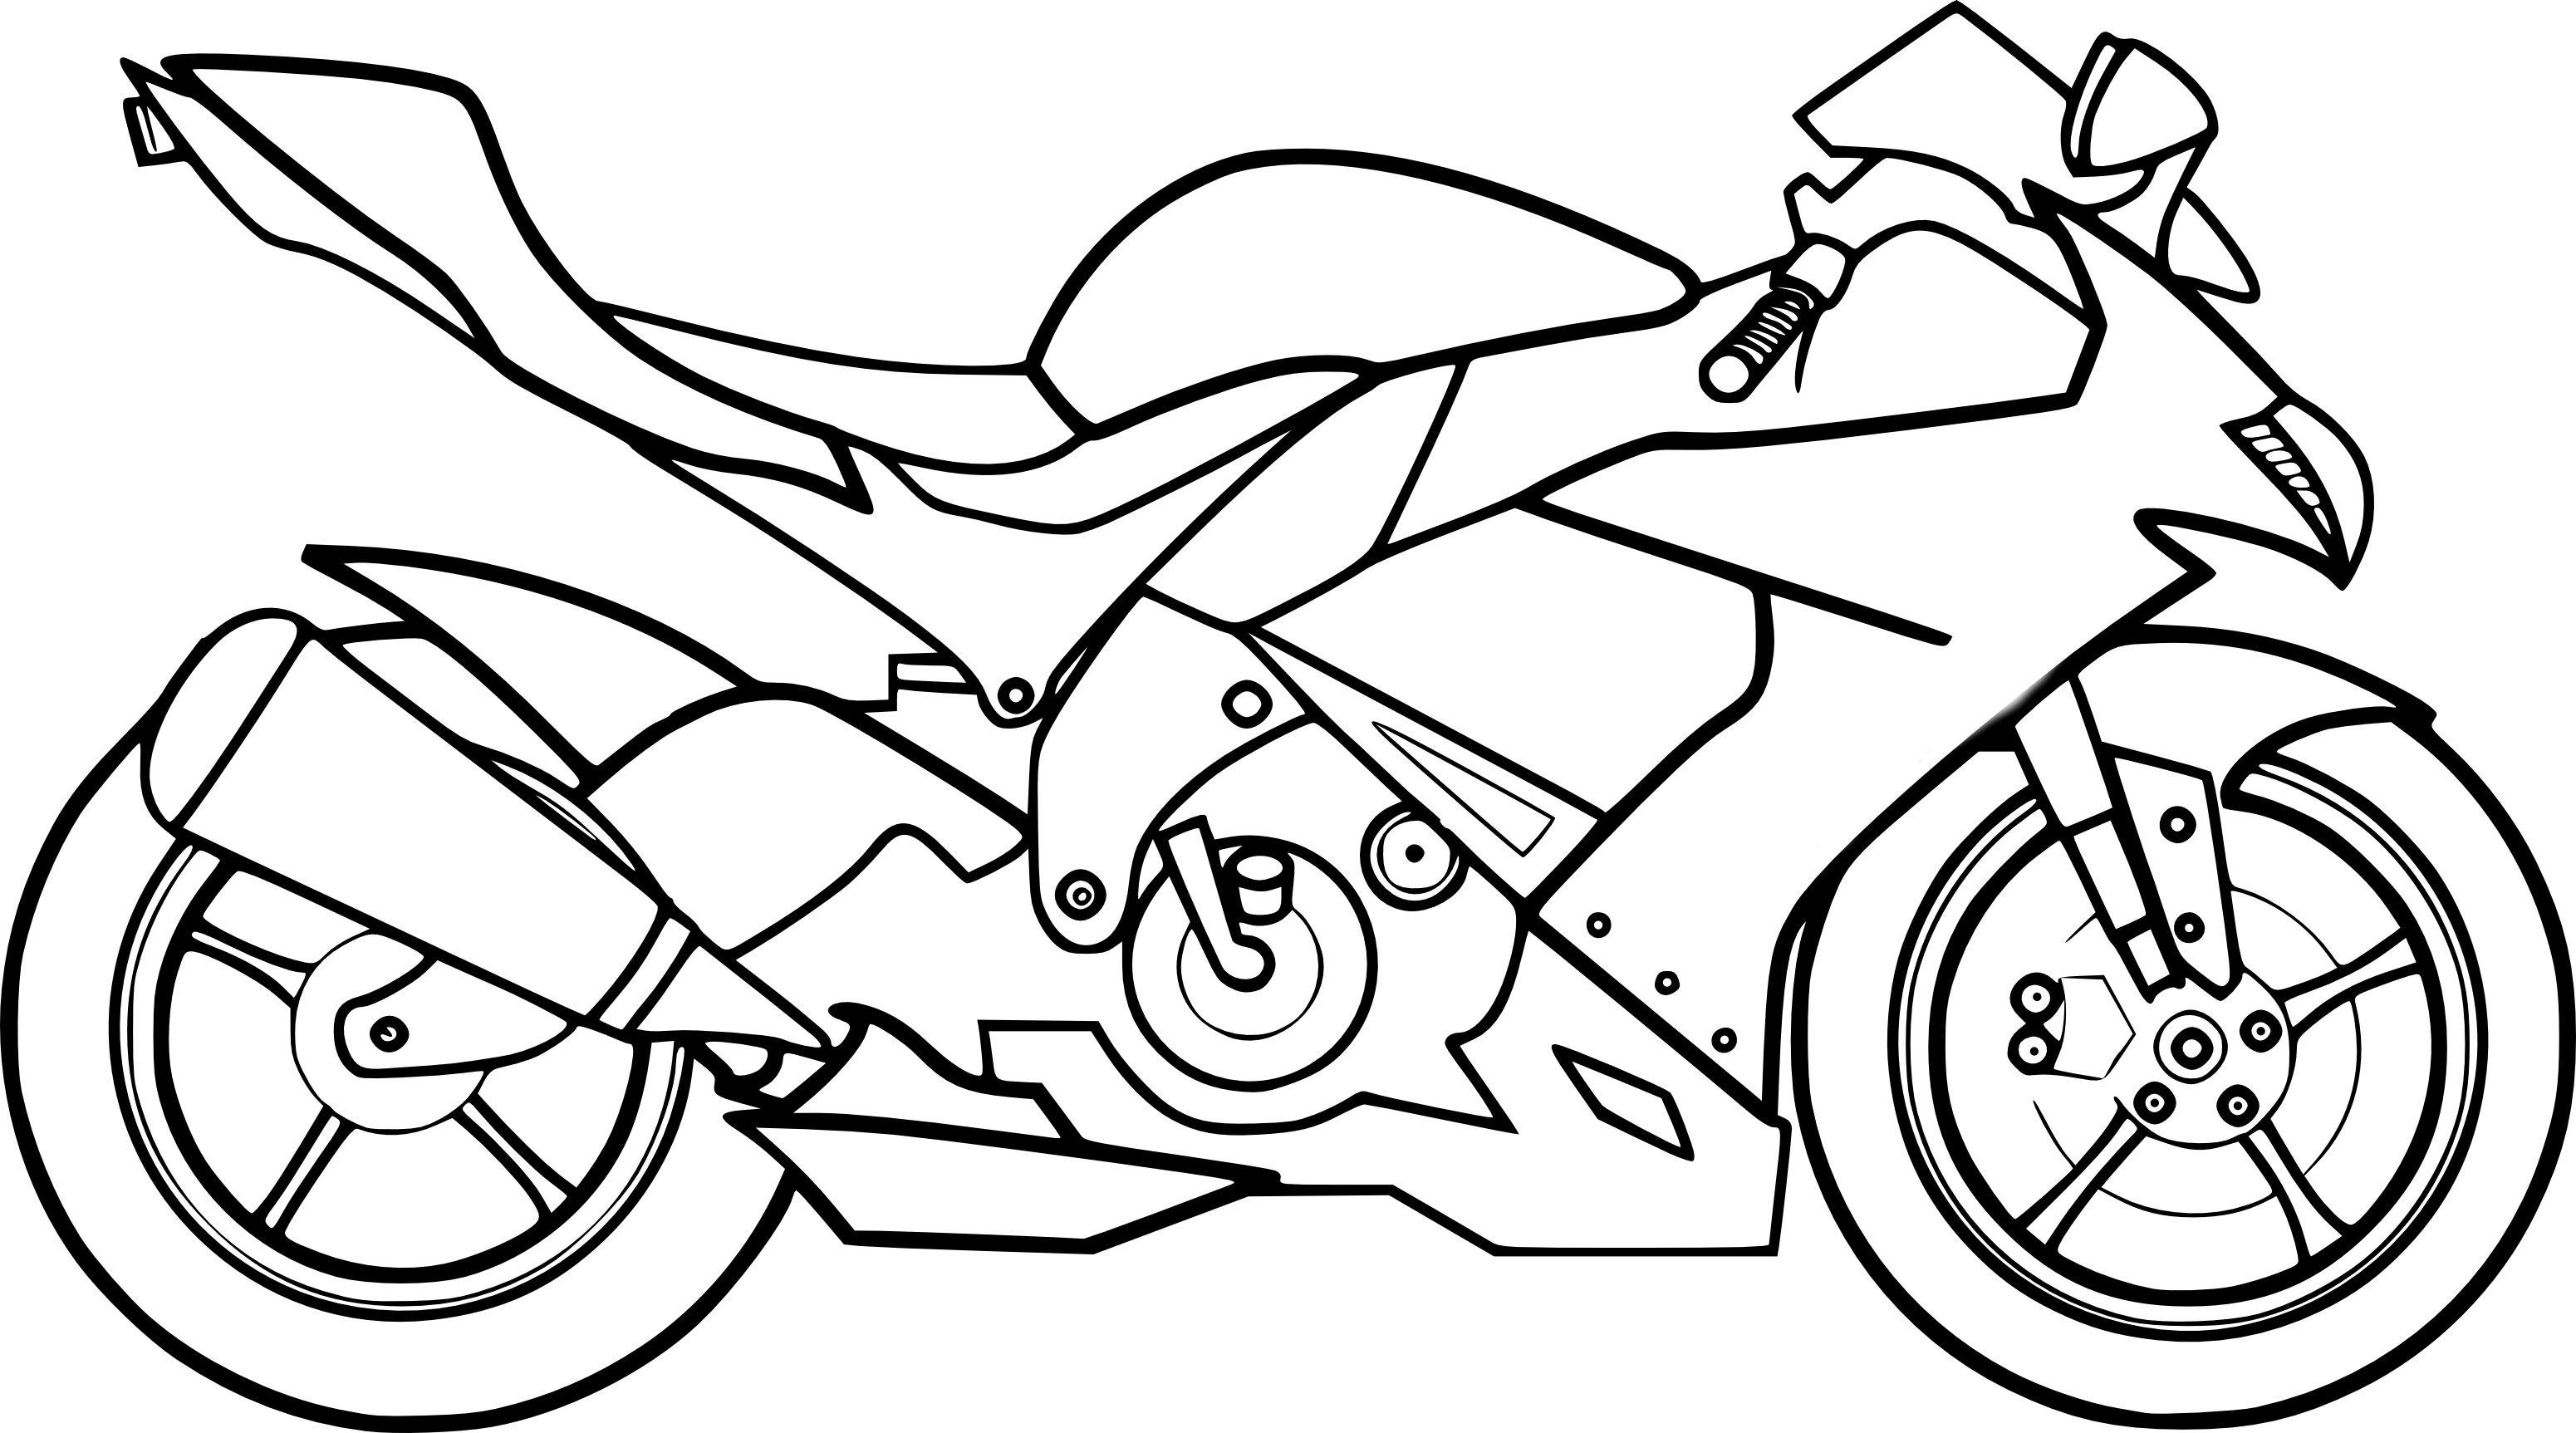 Incroyable  Mot-Clé Coloriages à imprimer  Moto, numéro  b25